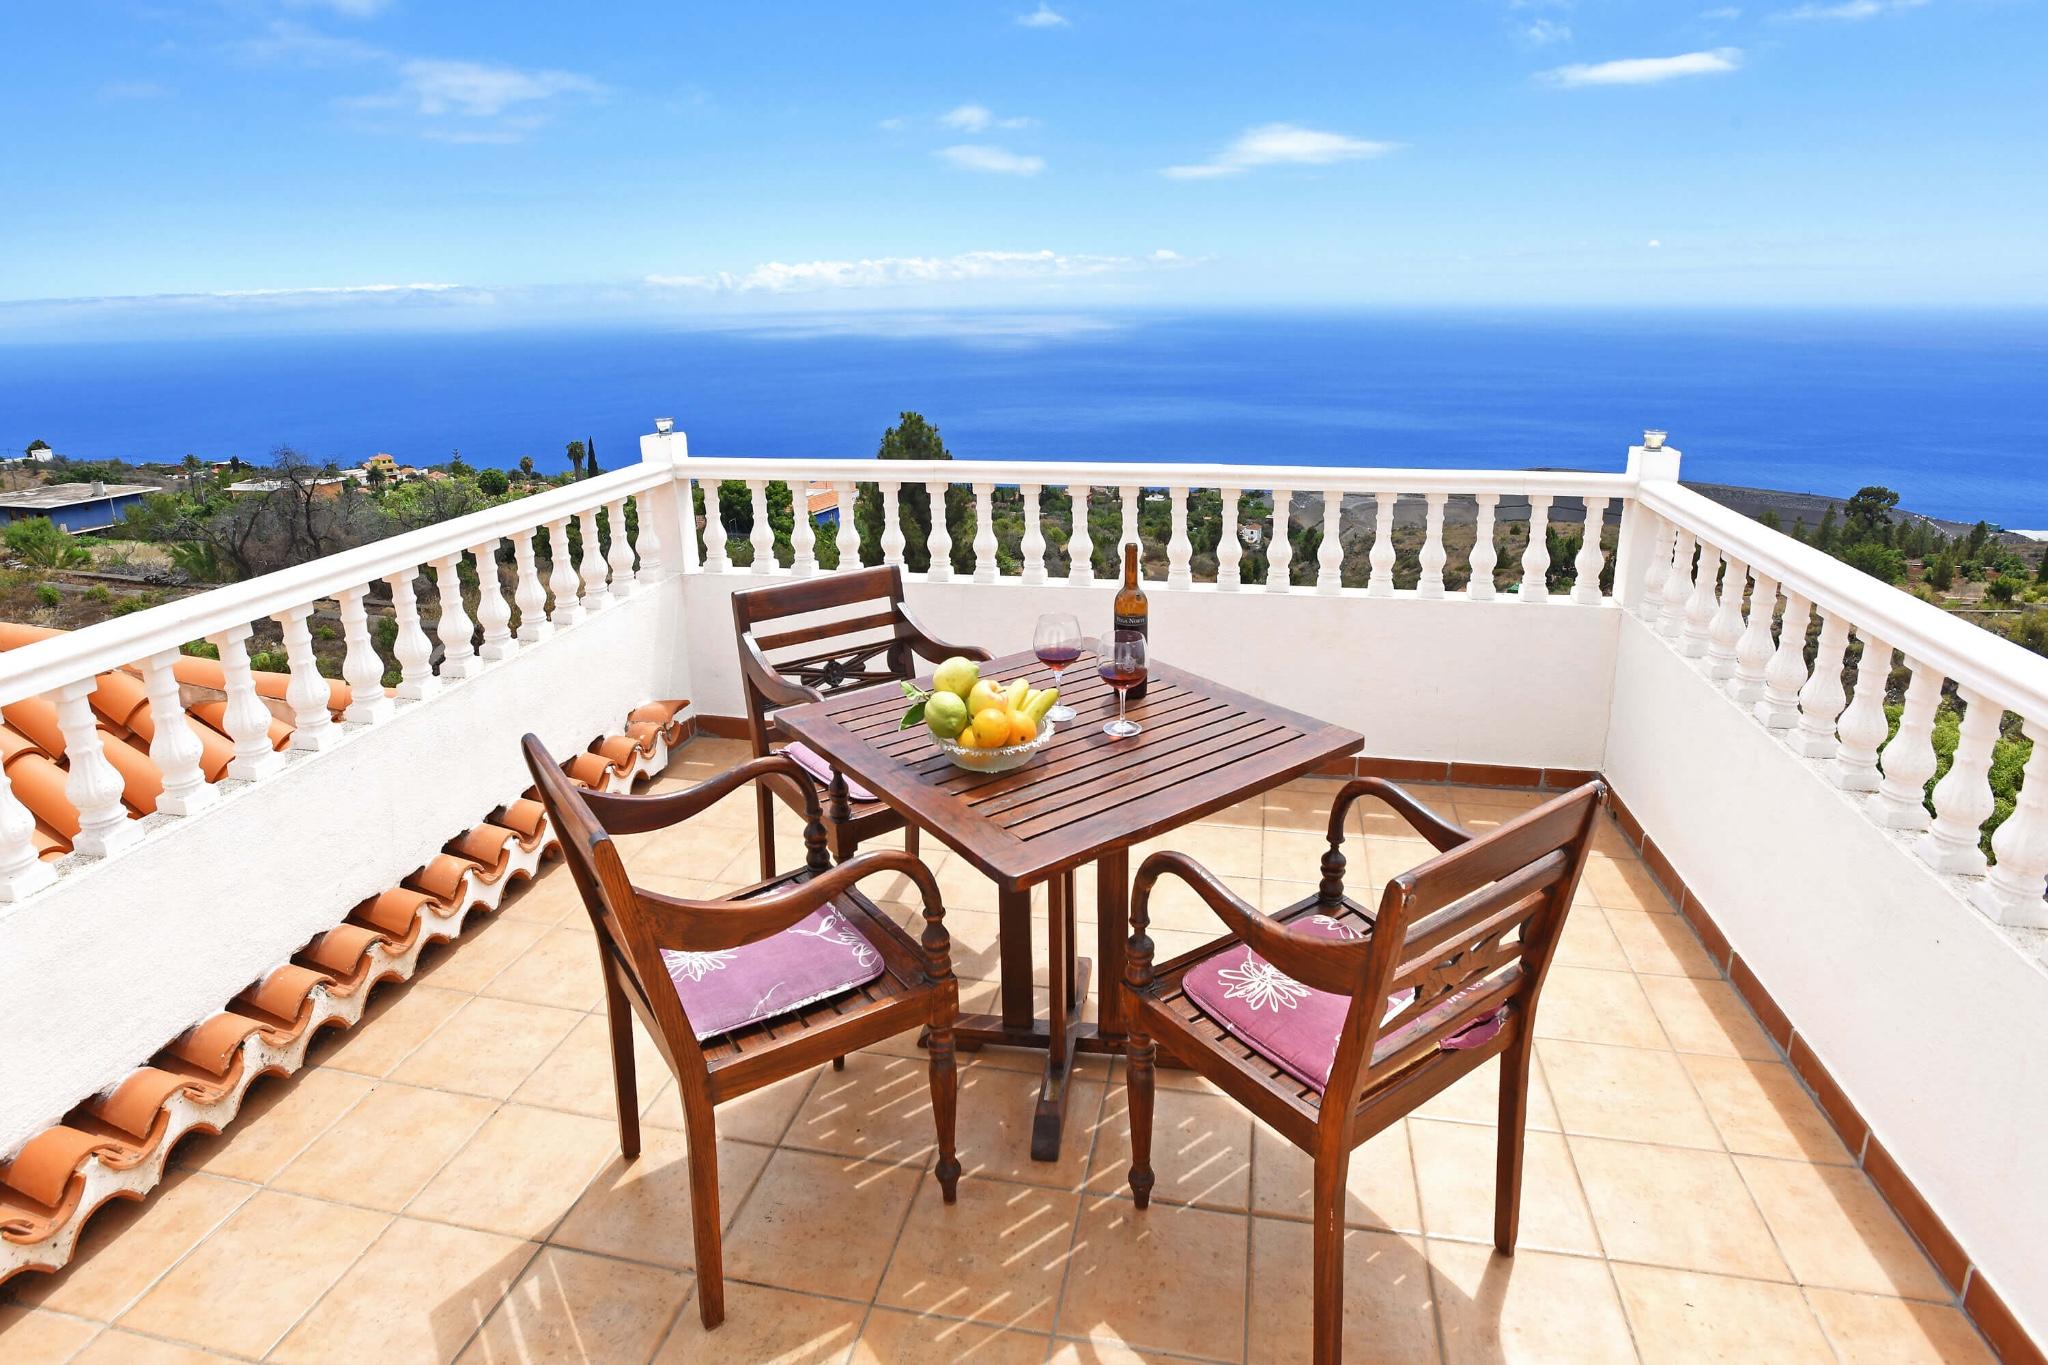 Ferienapartment auf La Palma mit Gemeinschaftspool und tollem Blick auf den Altlantik.